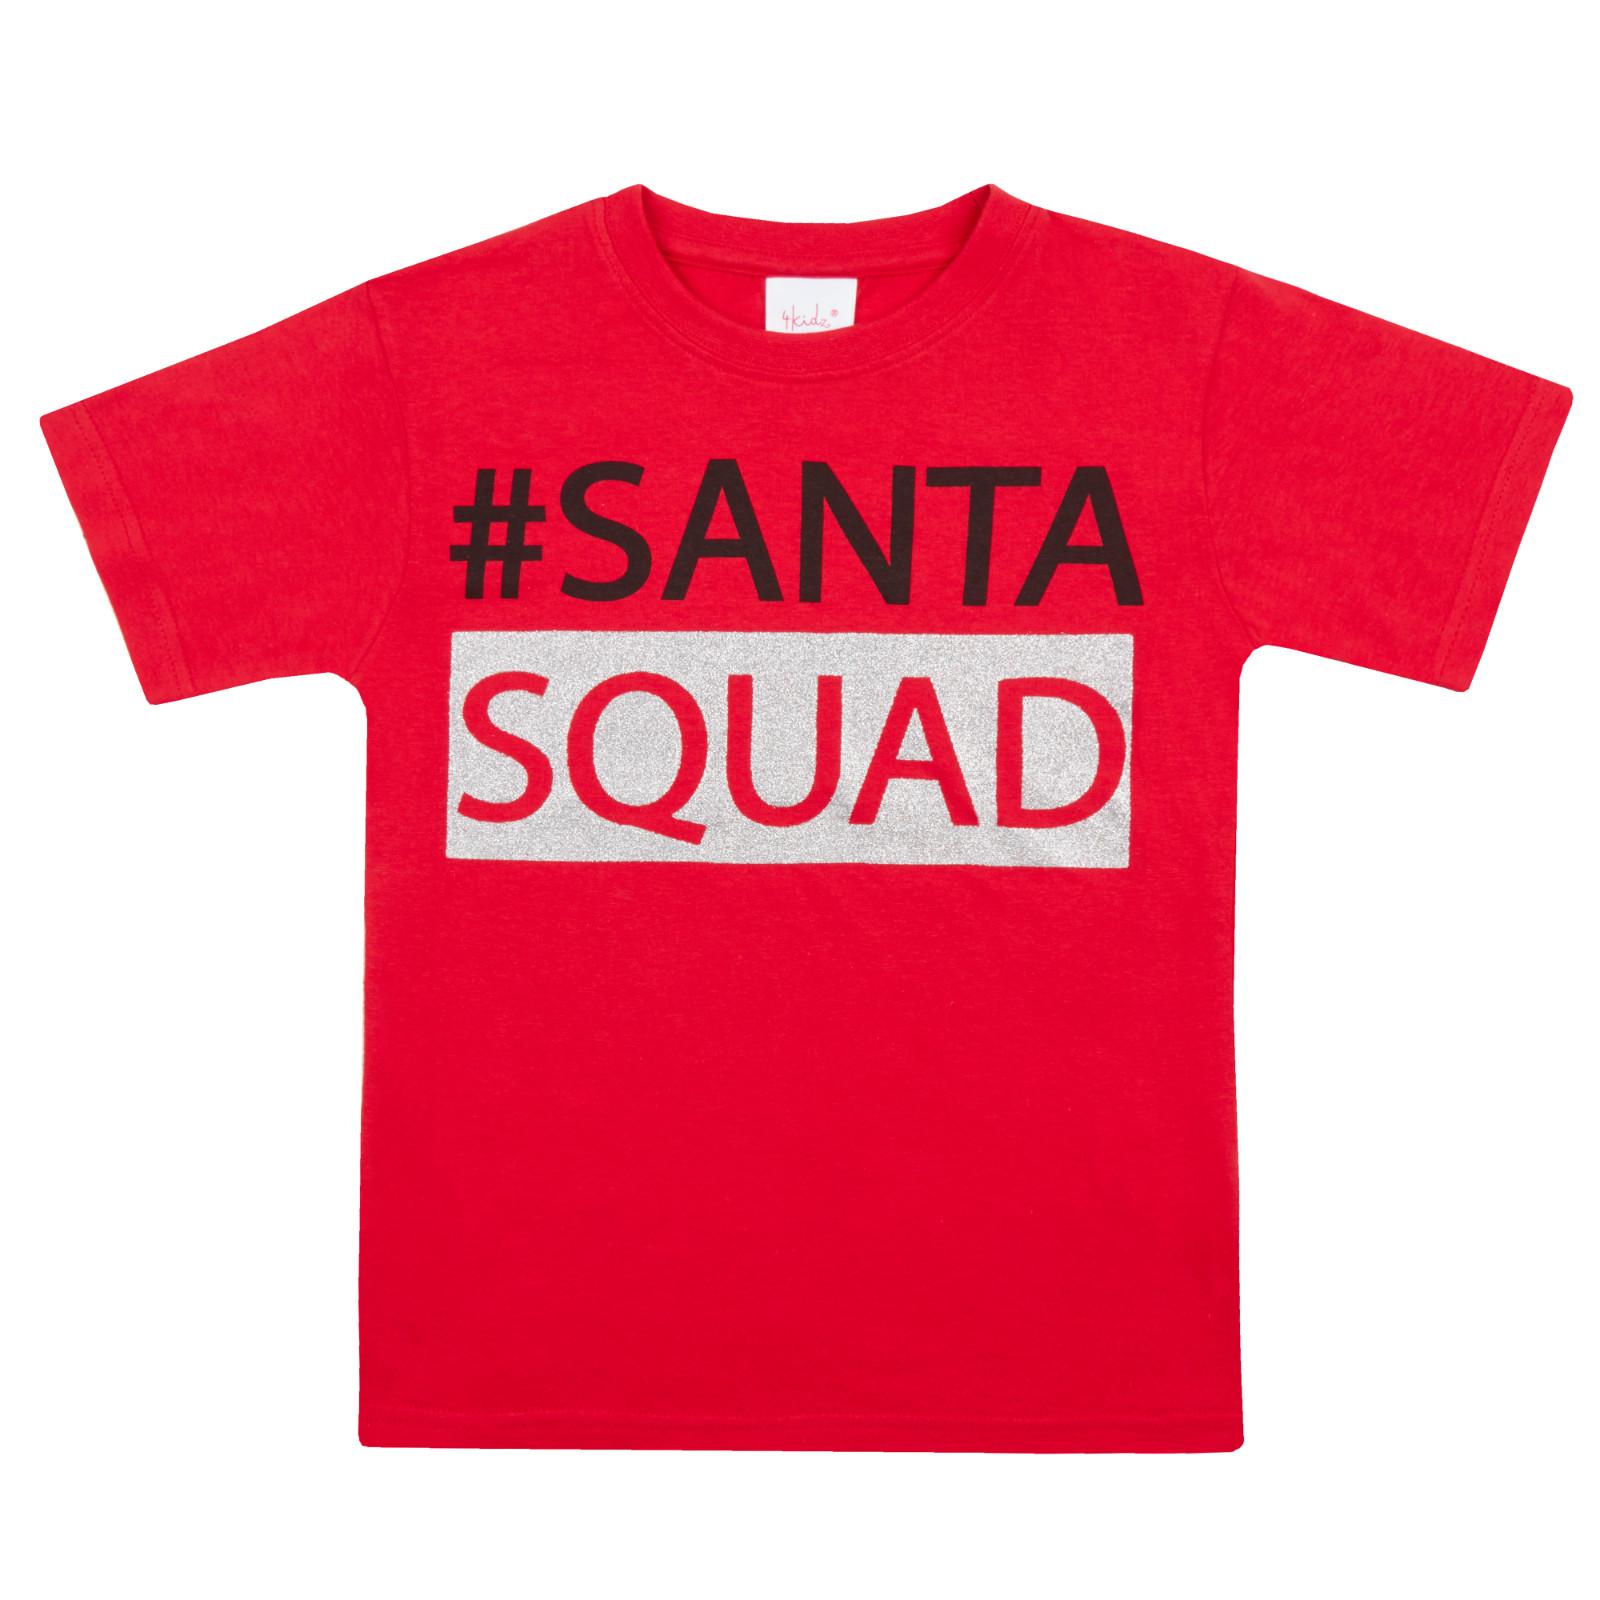 Per Bambini Natale T Shirts 100/% Cotone Ragazzi Ragazze Festive Natale Novità Top